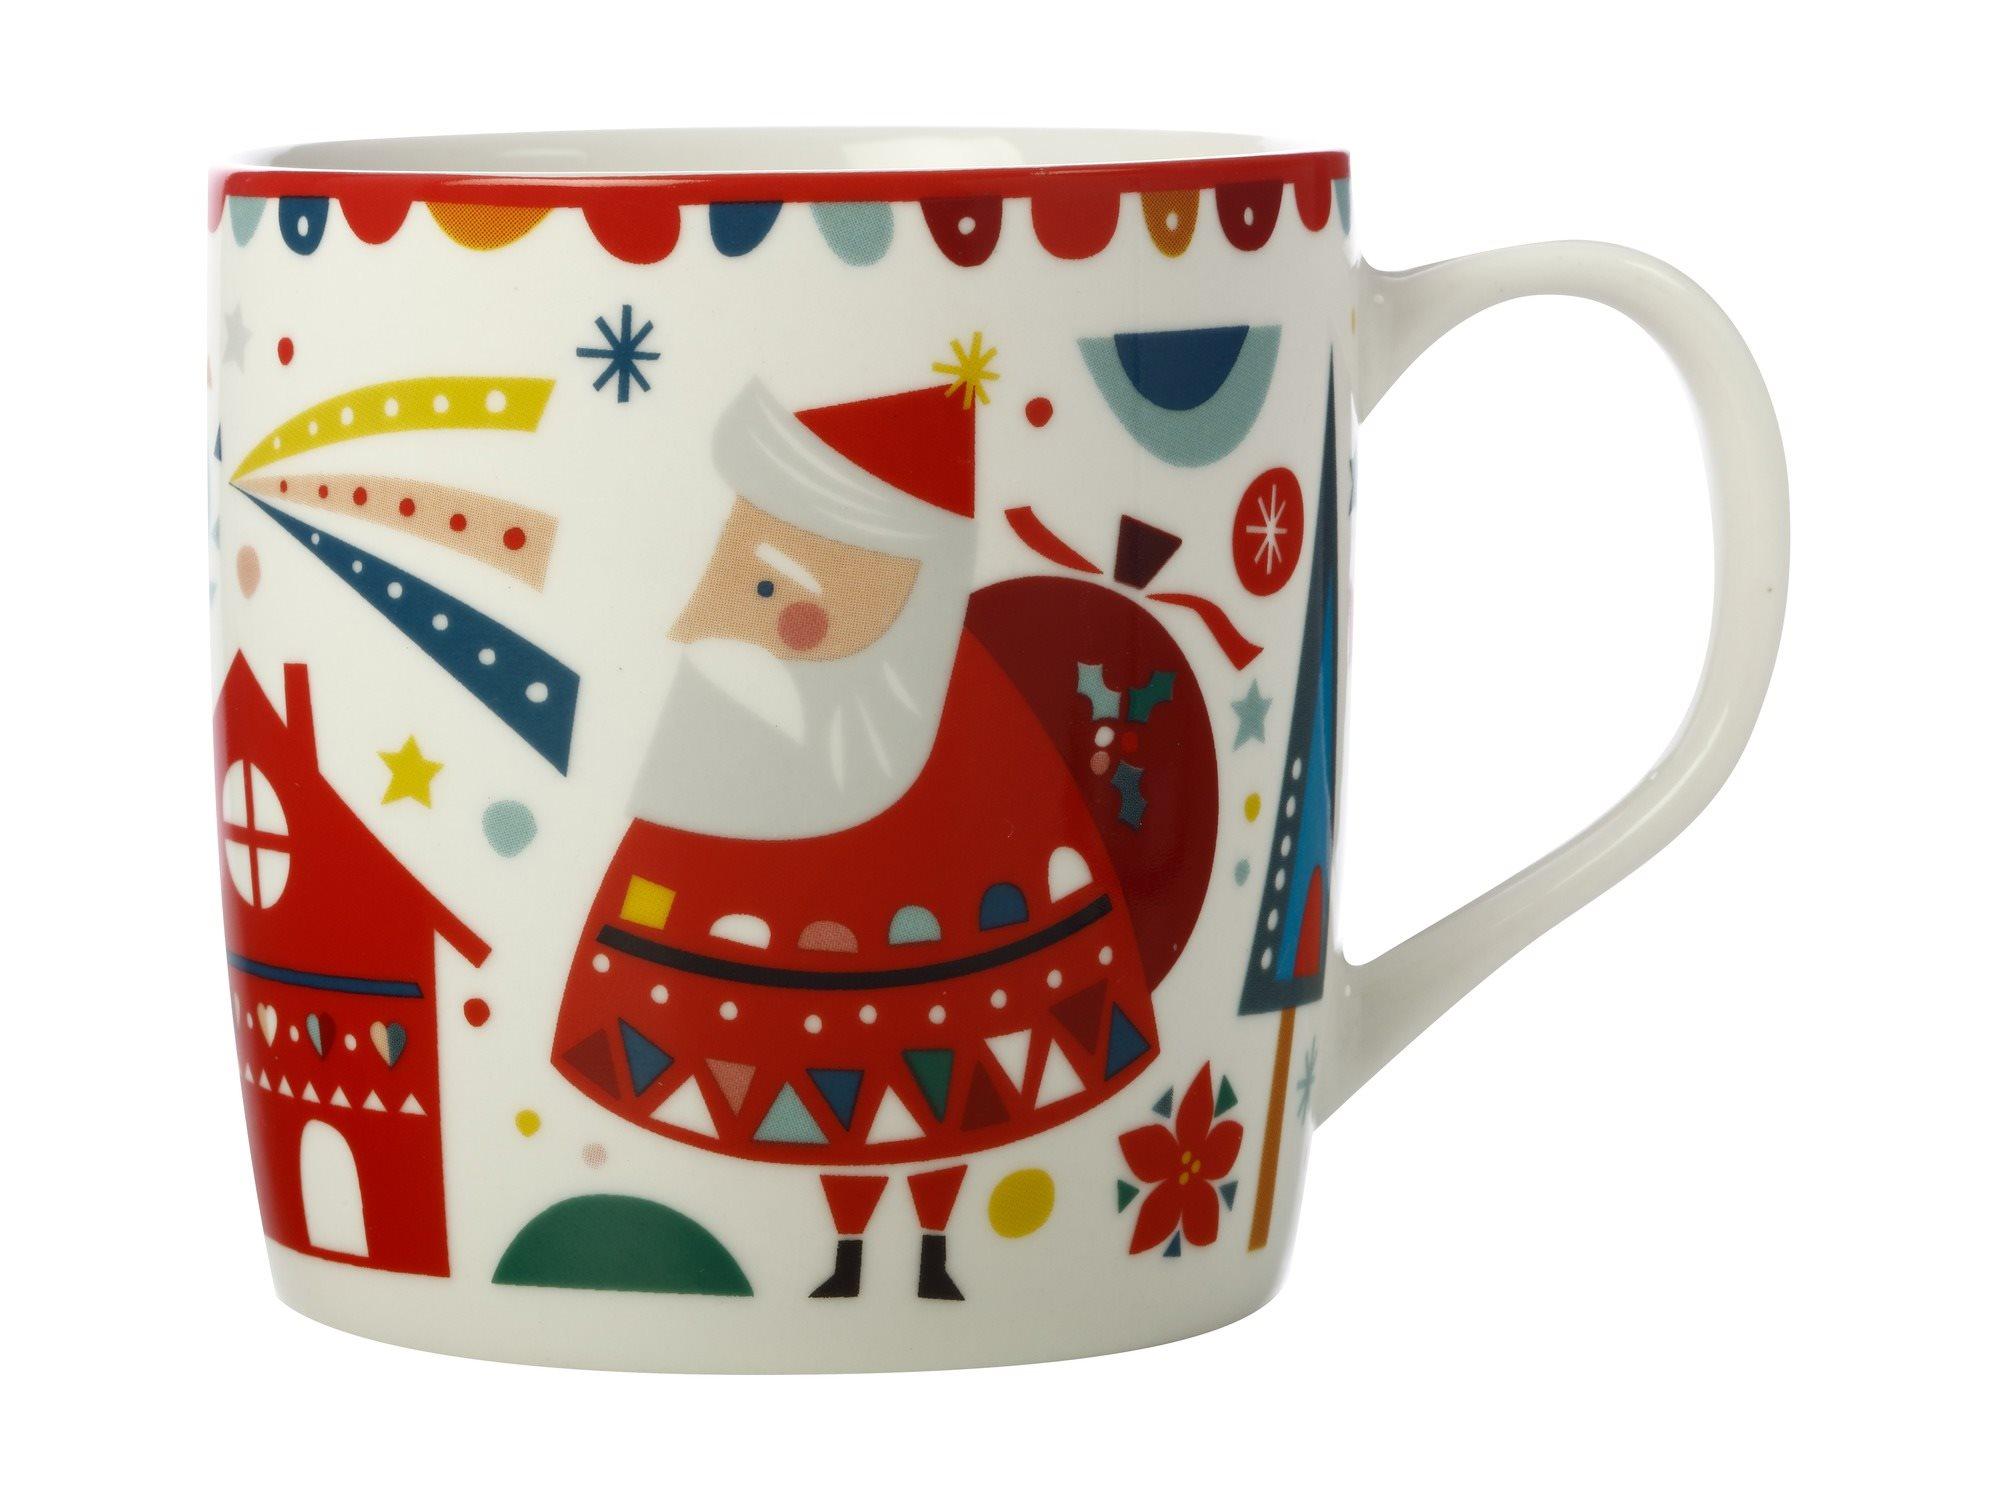 Maxwell & Williams Κούπα Πορσελάνης Festive Friends Άγιος Βασίλης 375ml